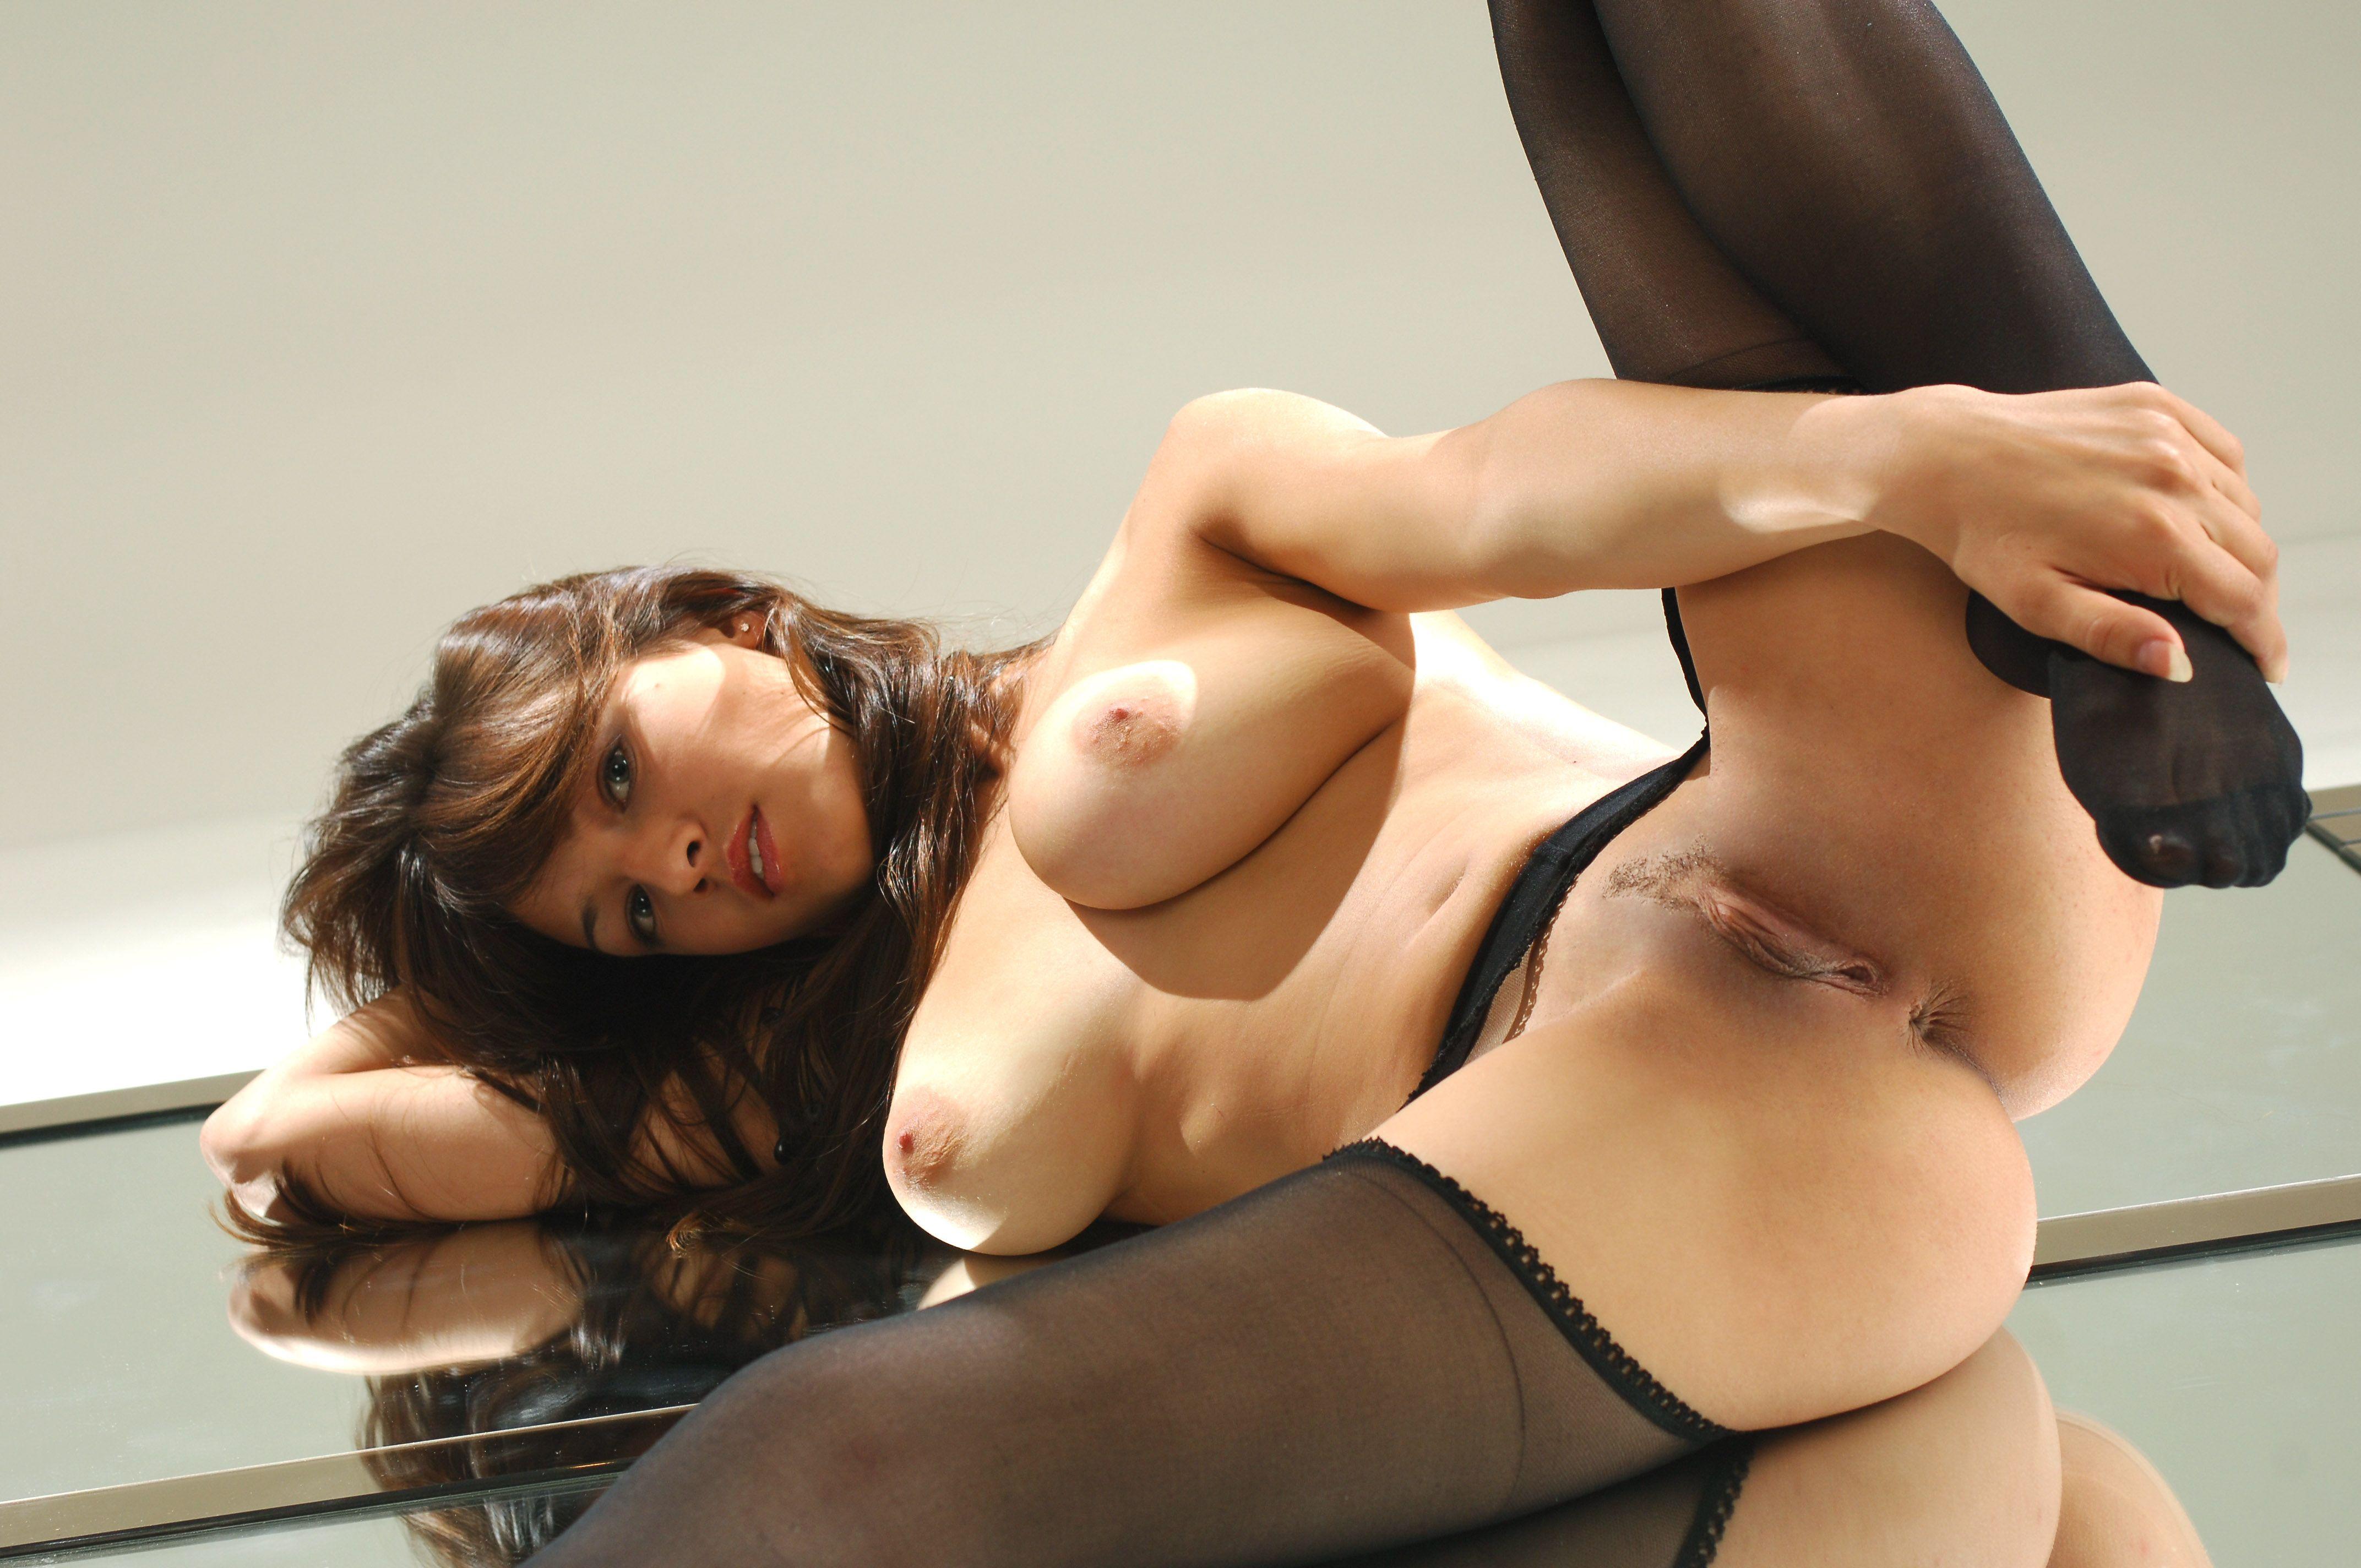 фото голых жен в разных позах - 6